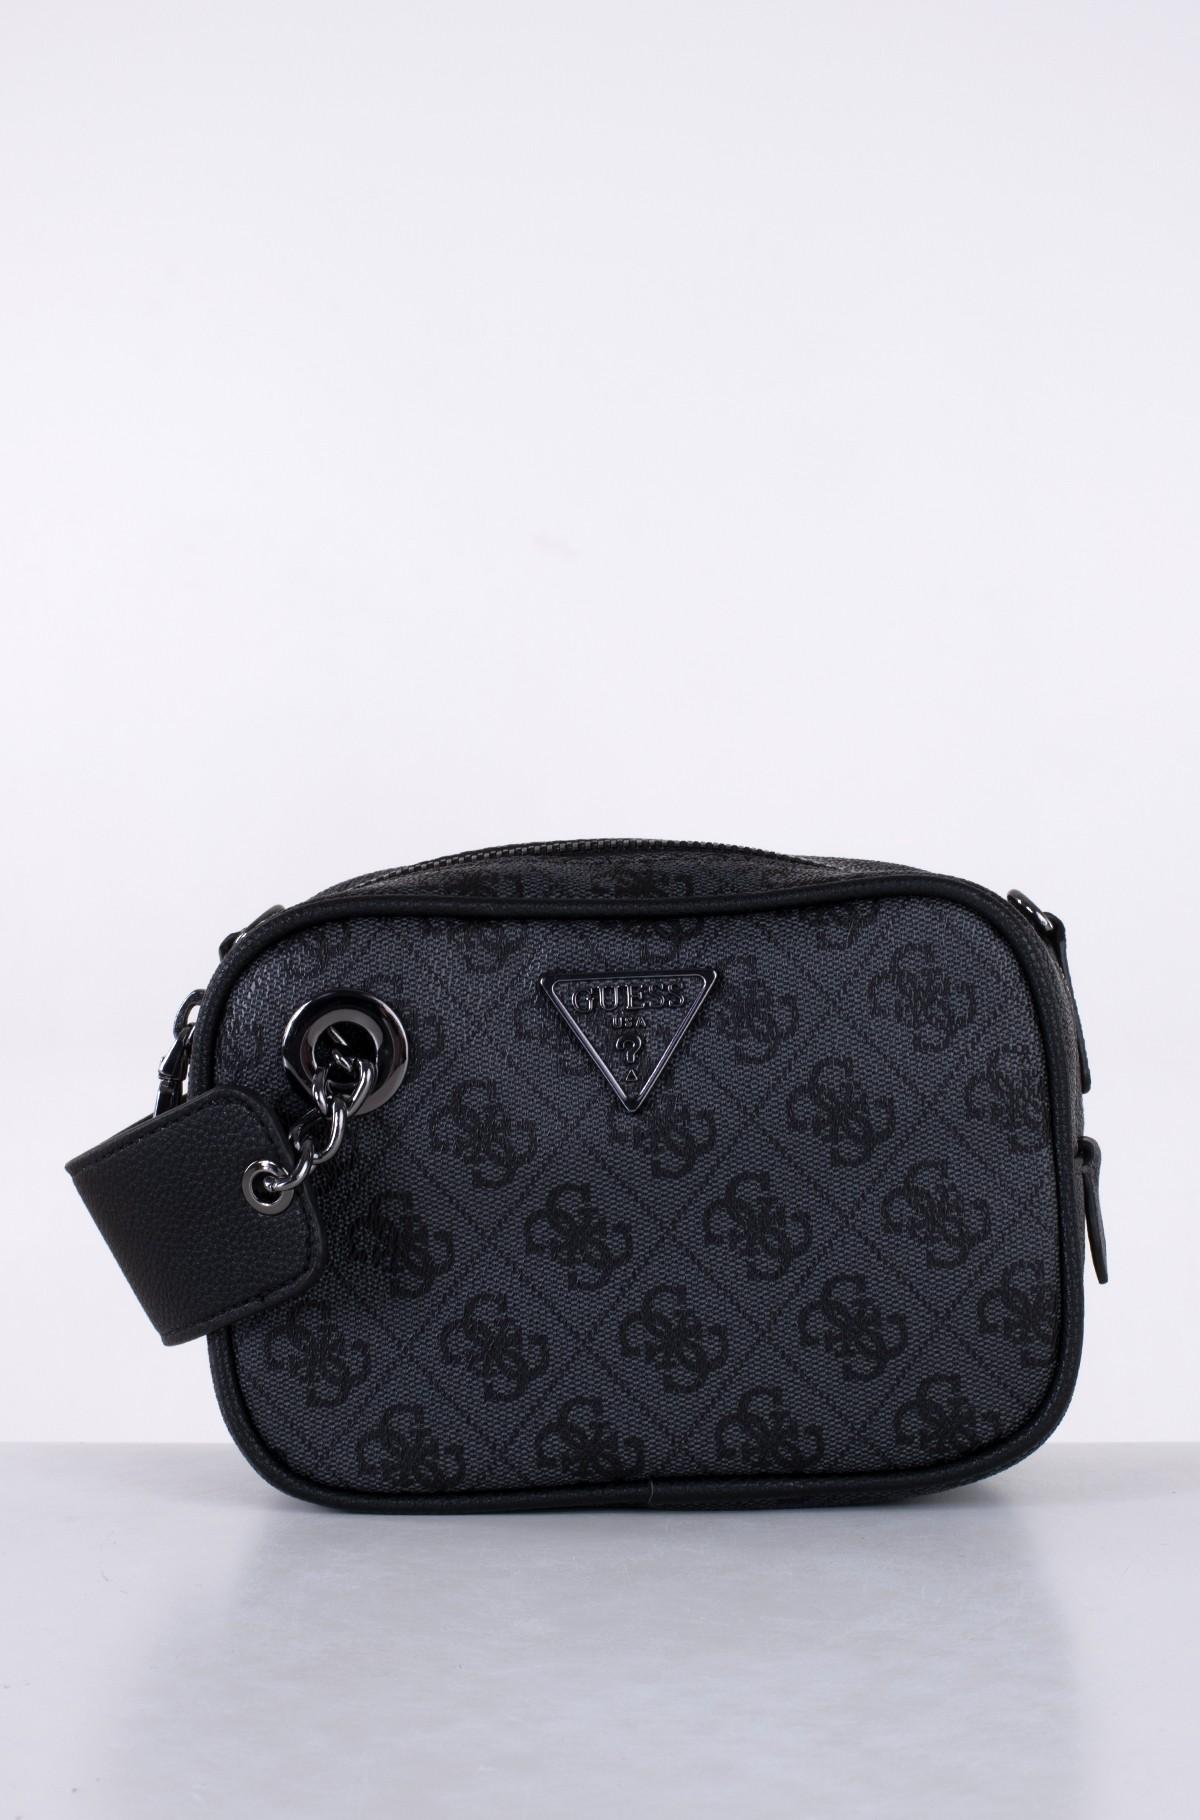 Shoulder bag HWSM69 94720-full-2